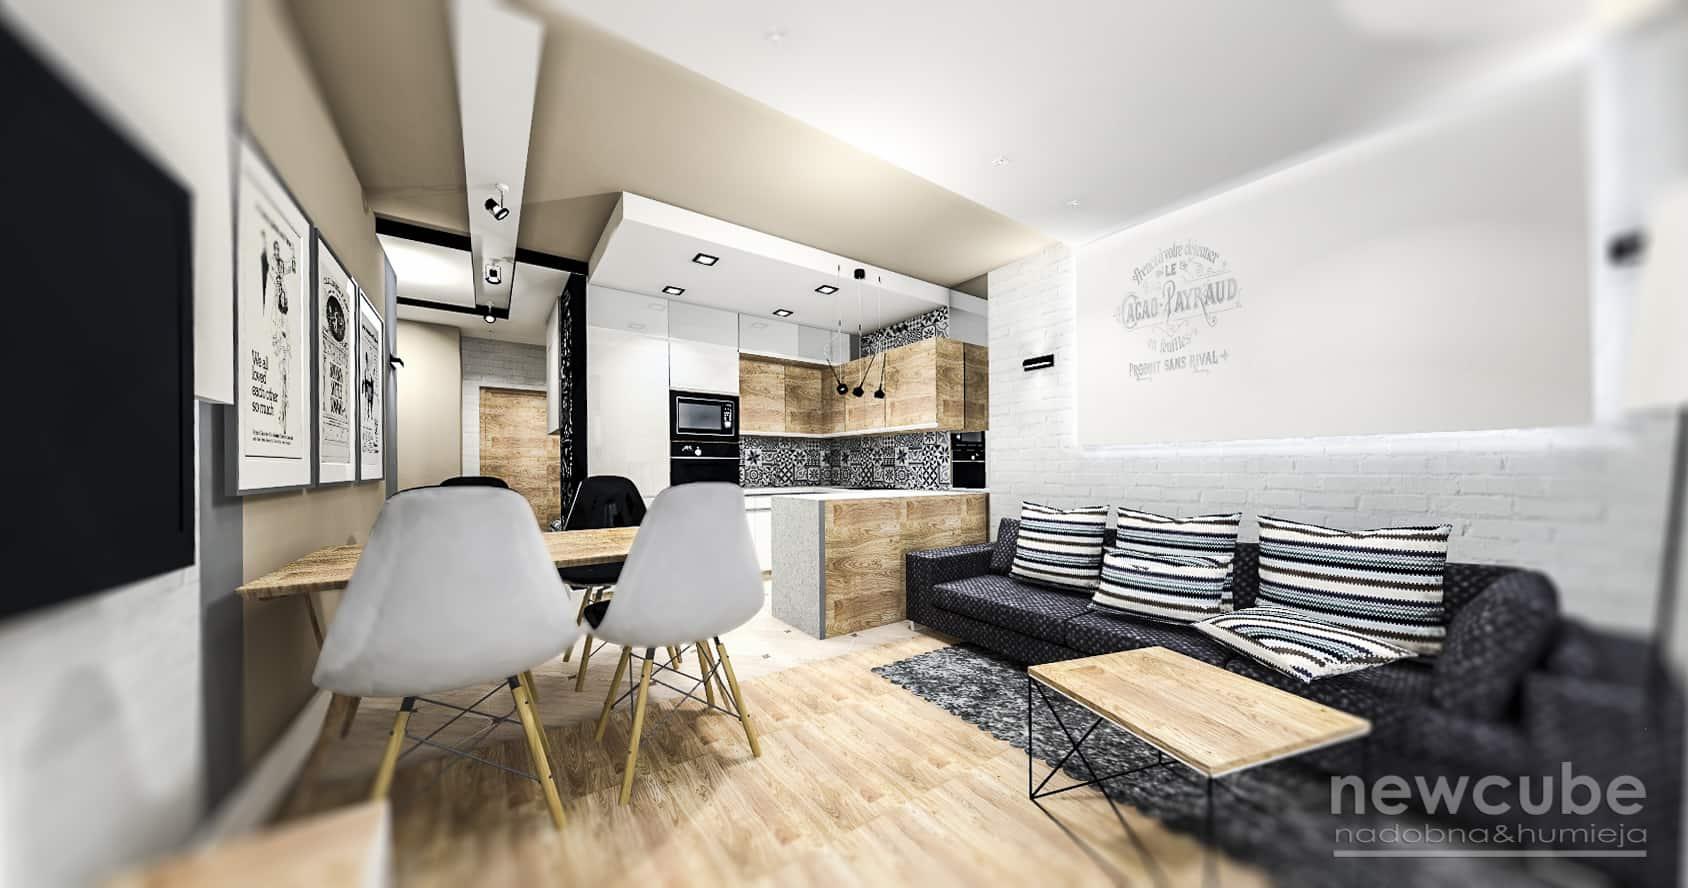 aranzacja-wnetrz-projekt-architekt-new-cube-10-14-09-2015